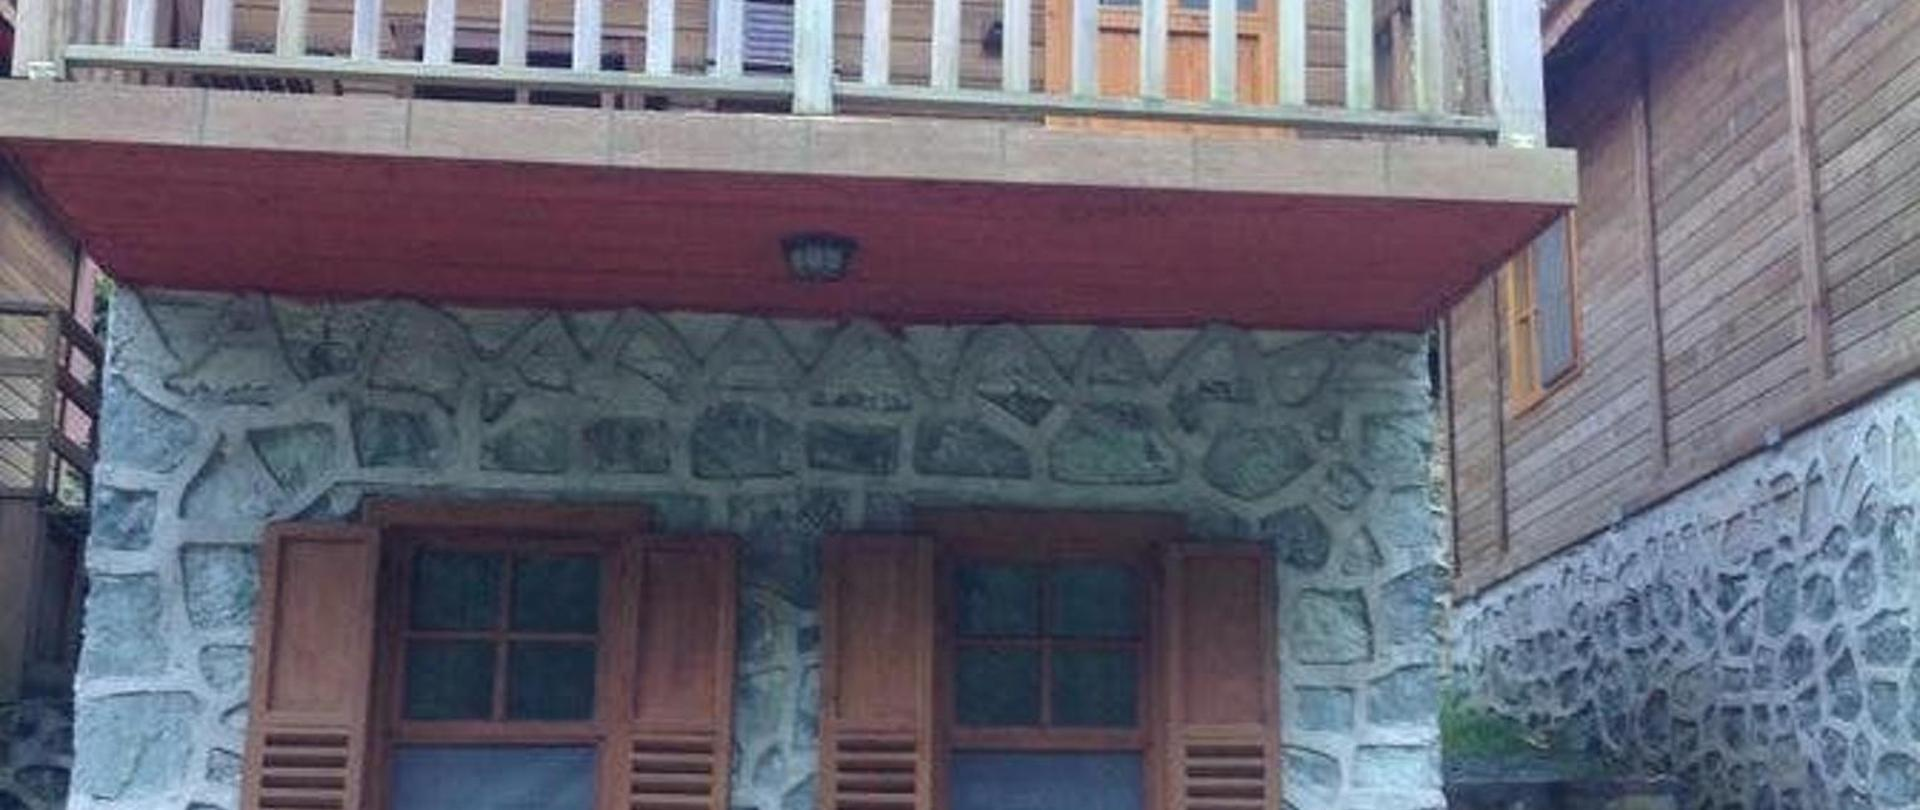 Artvin bungalov evler.jpg